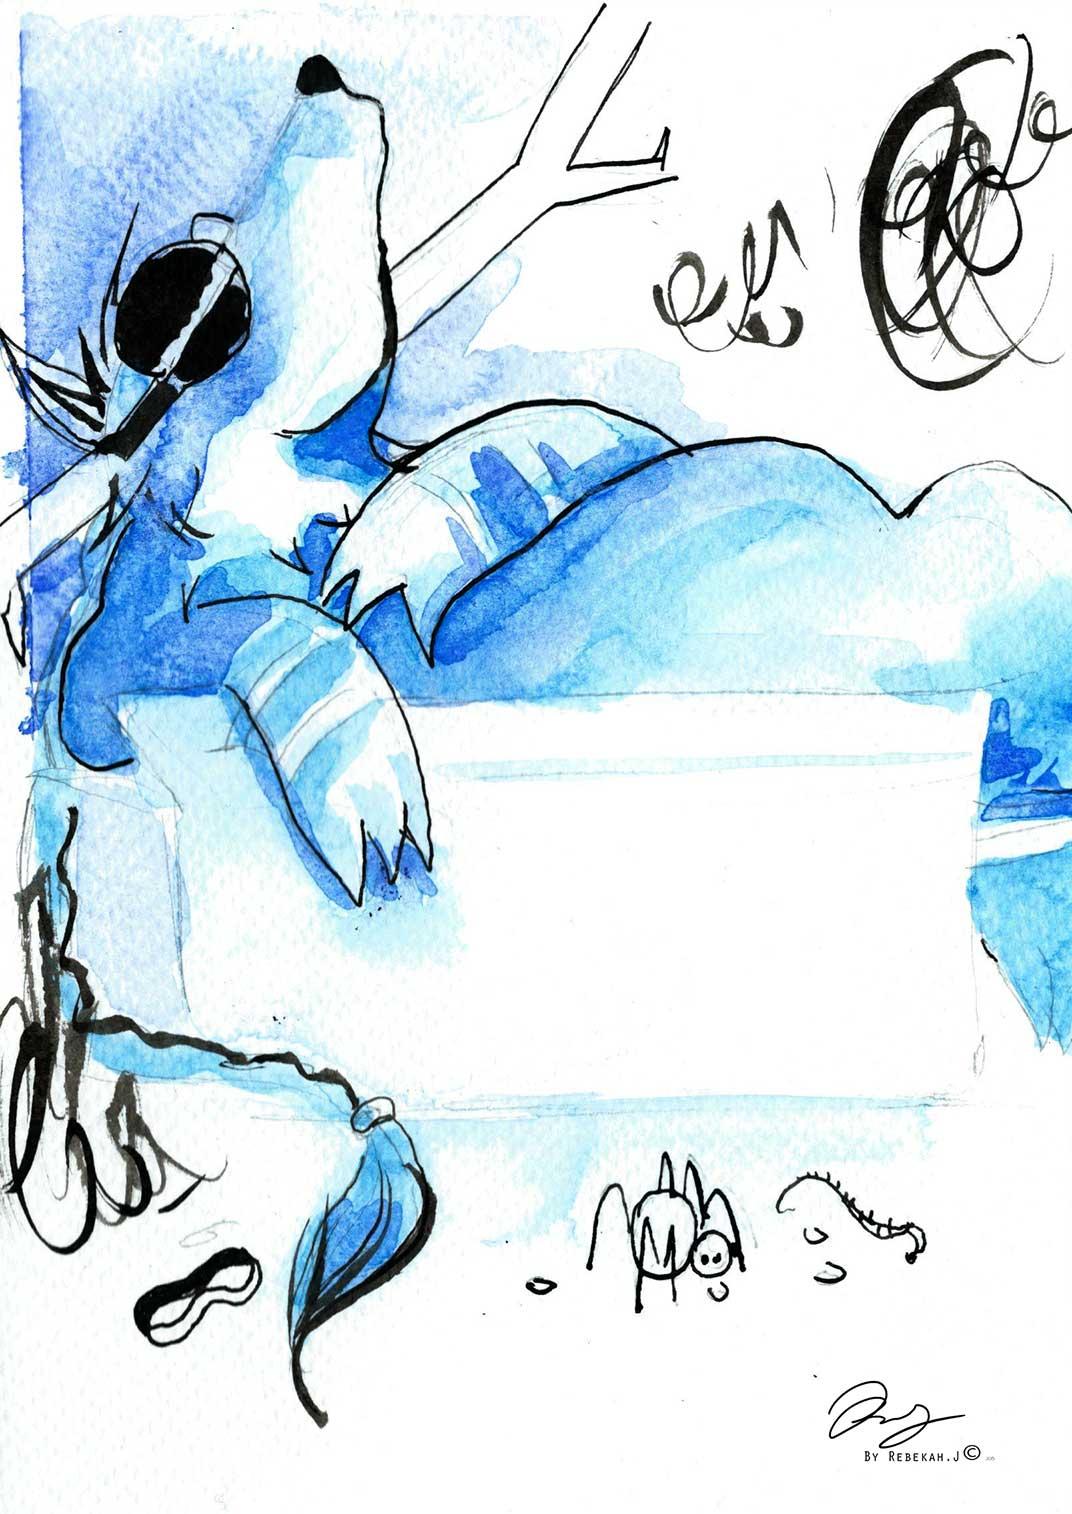 Rain Taking a nap. Rebekah Joseph 2016 Watercolour